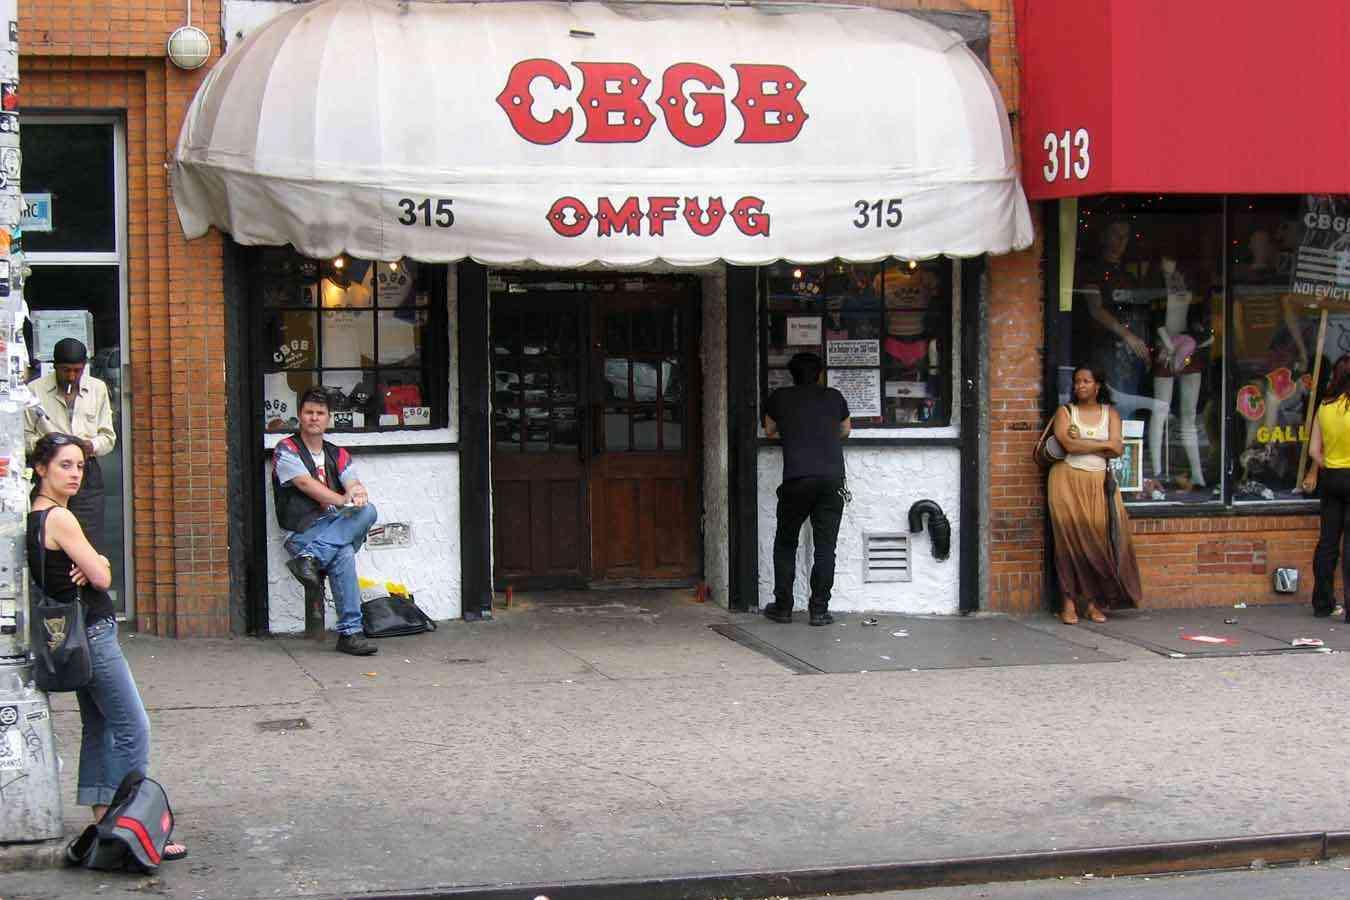 La leggenda del CBGB, il storico locale newyorkese che apriva bottega 47 anni fa